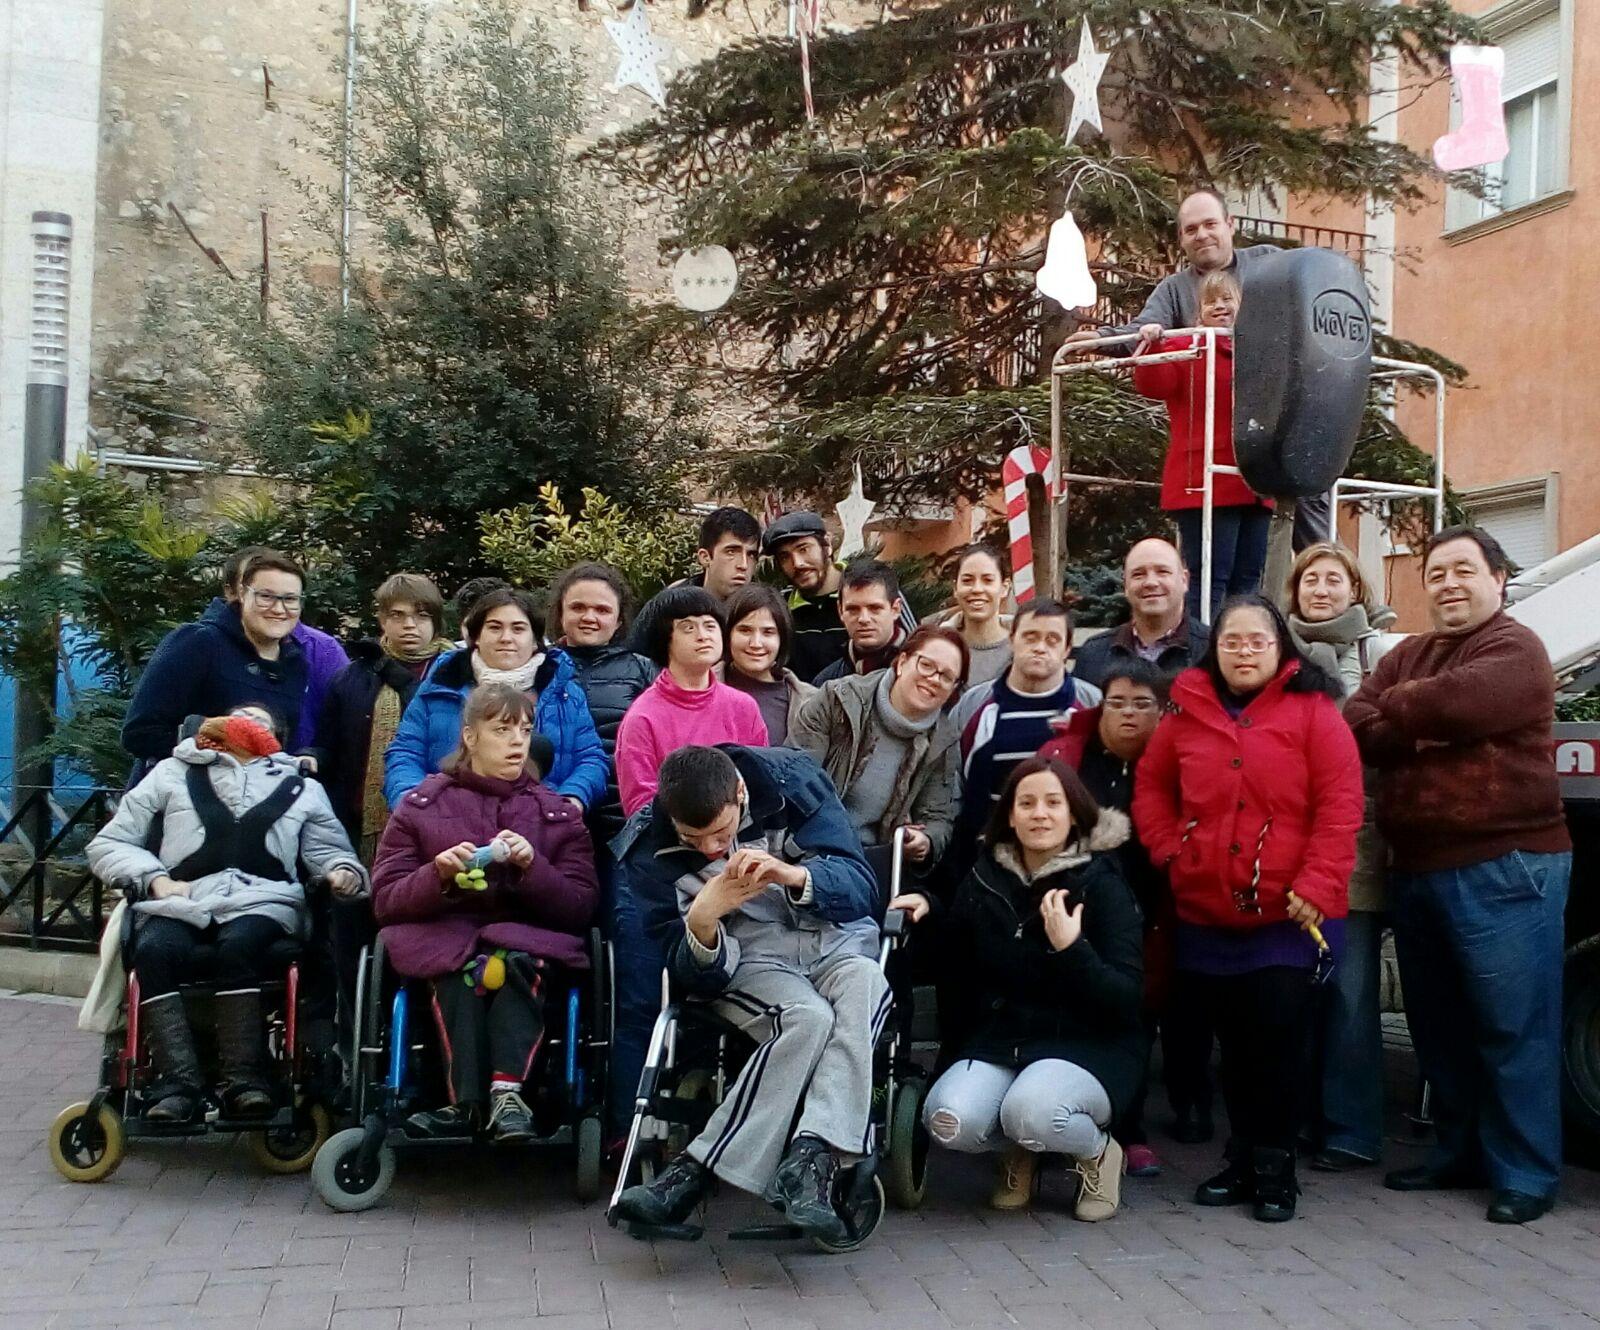 La asociación Per ells se ha encargado de los adornos del árbol de Navidad municipal